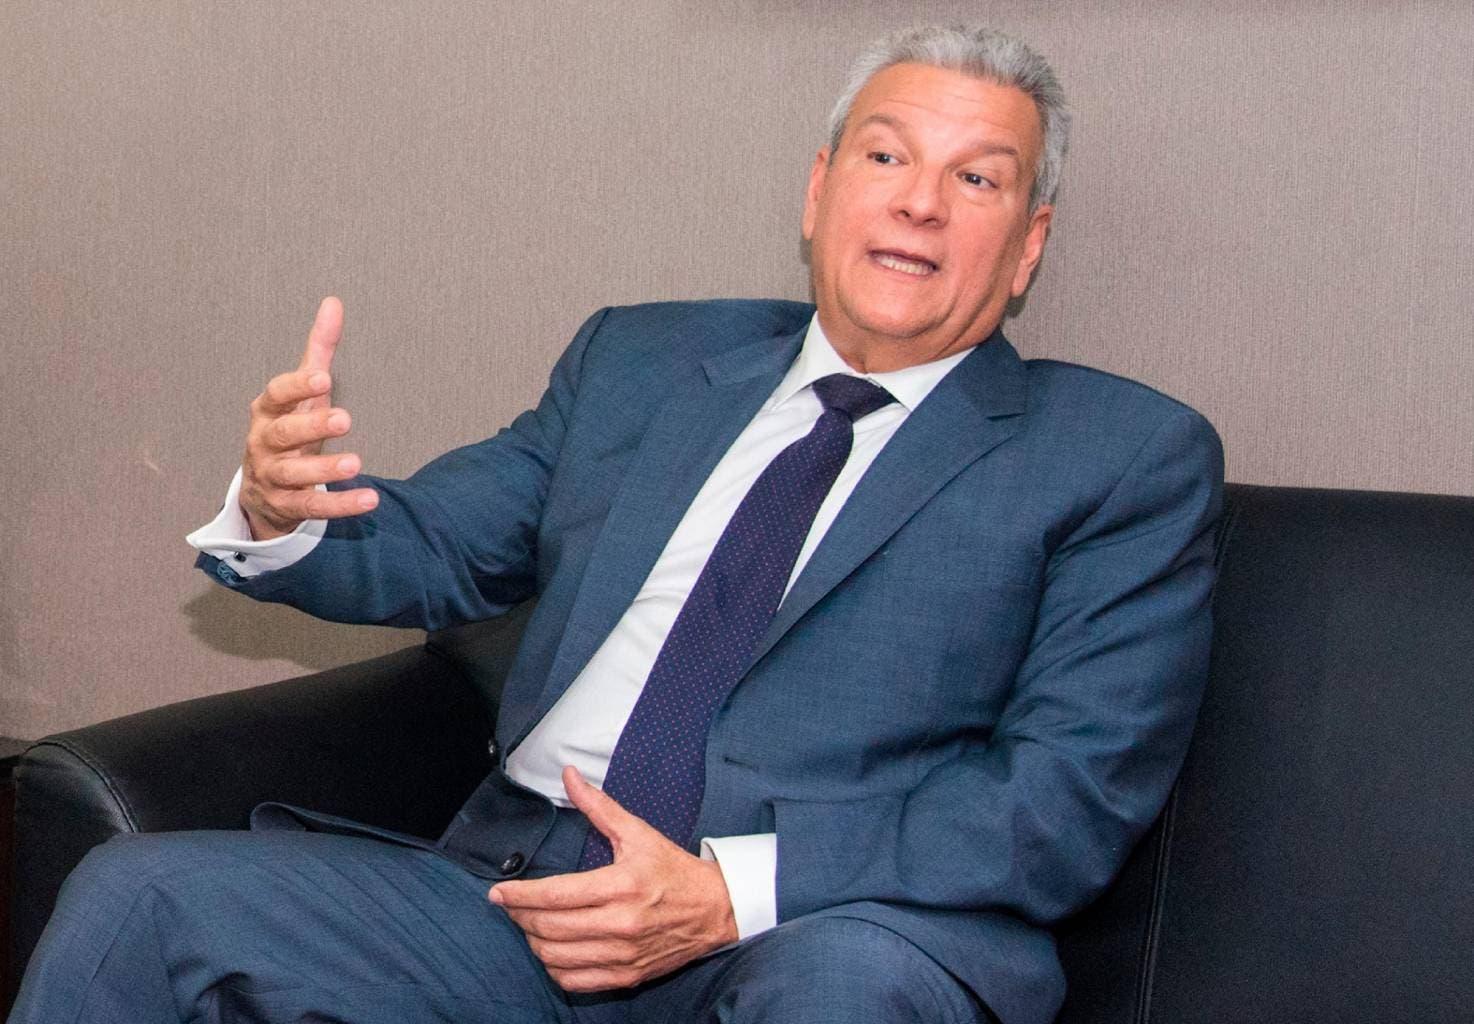 Lisandro Macarrulla dice Luis Abinader garantiza asistencia social y apoyo económico a personas afectadas por la crisis